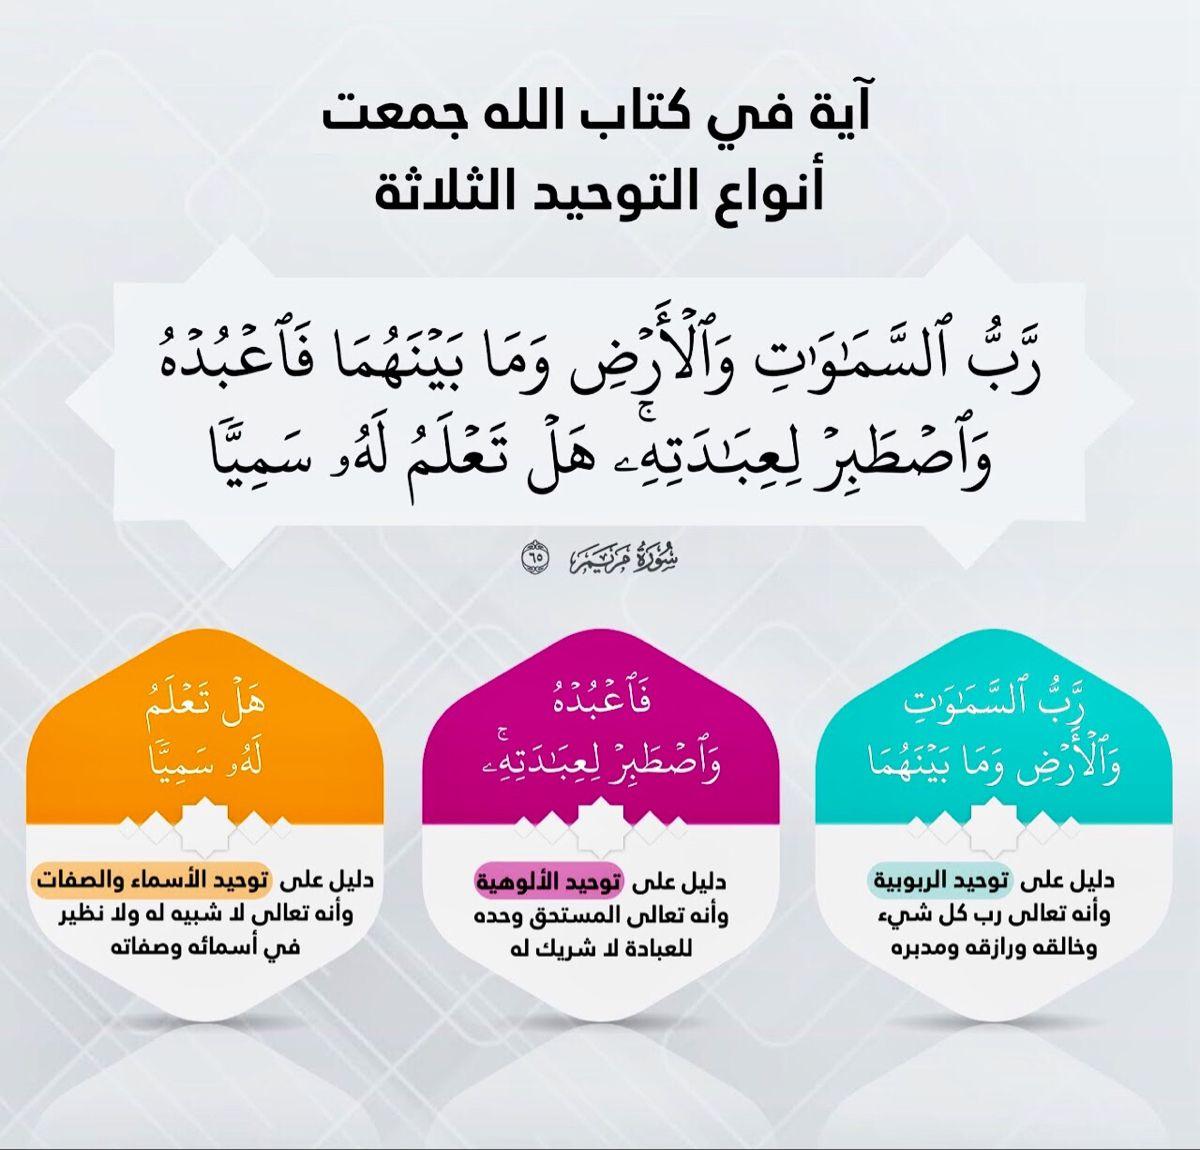 الآية ر ب الس م او ات و ال أ ر ض و م ا ب ي ن ه م ا ف اع ب د ه و اص ط ب ر ل ع ب اد ت ه ه ل ت ع ل م ل ه In 2021 Islam Facts Quran Tafseer Islamic Quotes